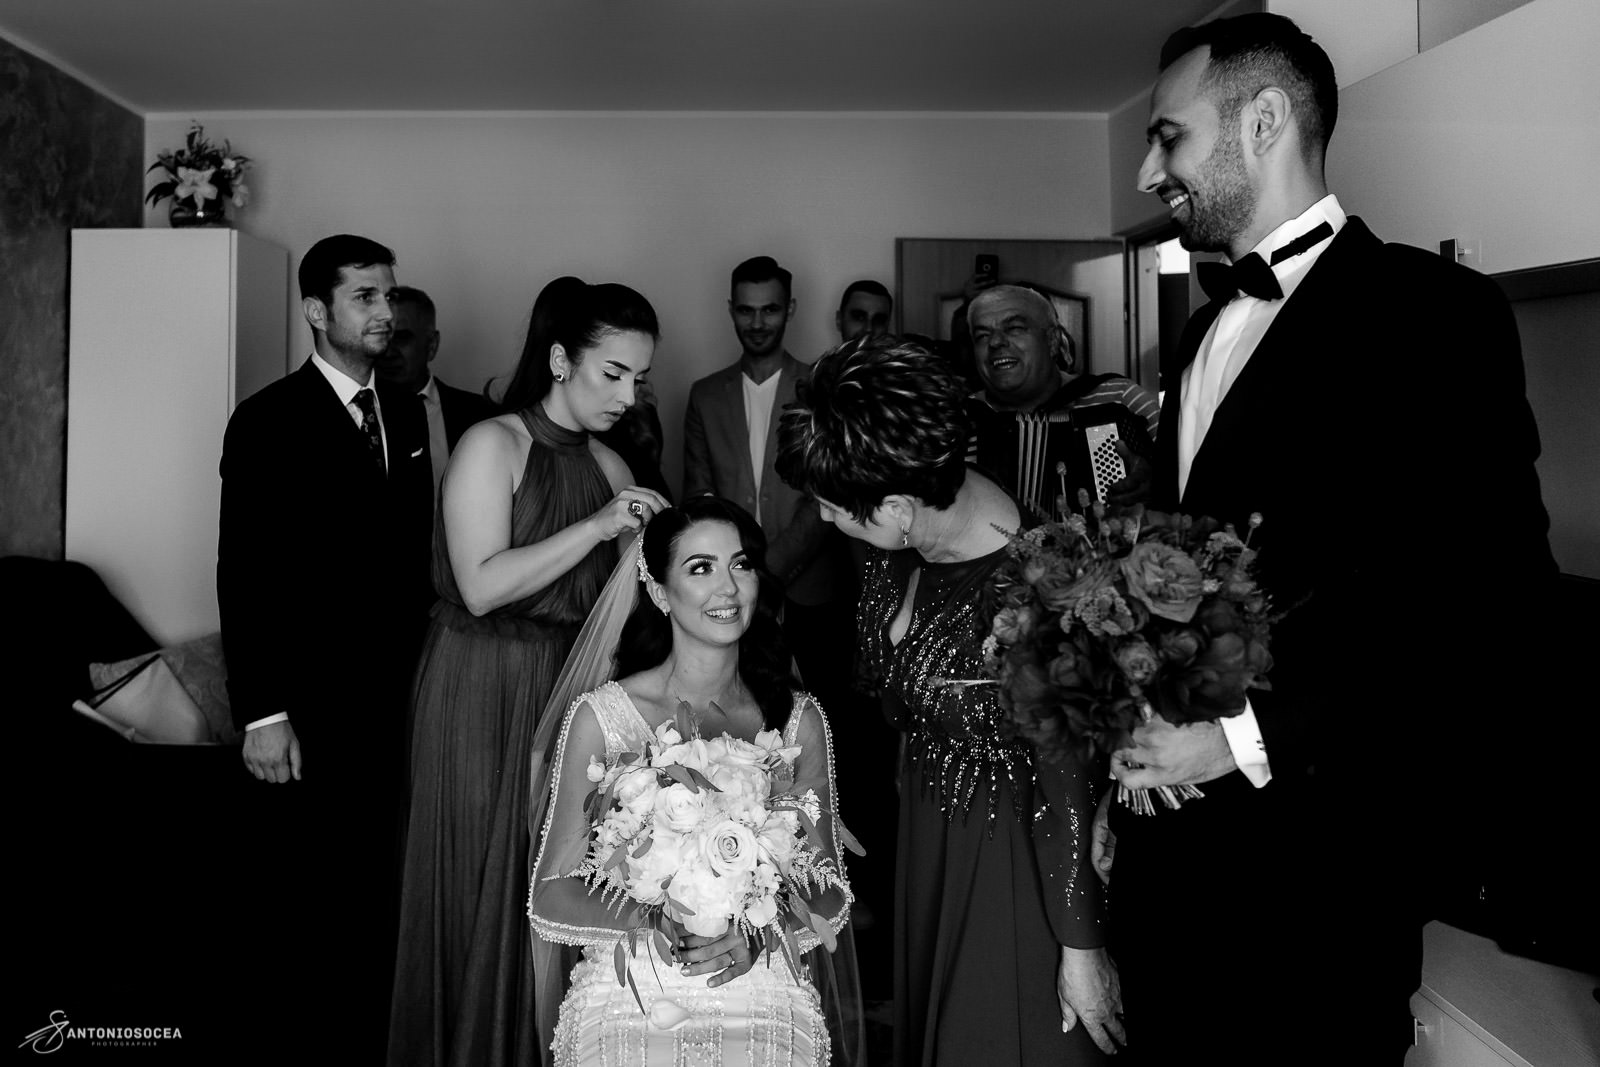 Fotograf nunta Professionist Bucuresti - Antonio Socea